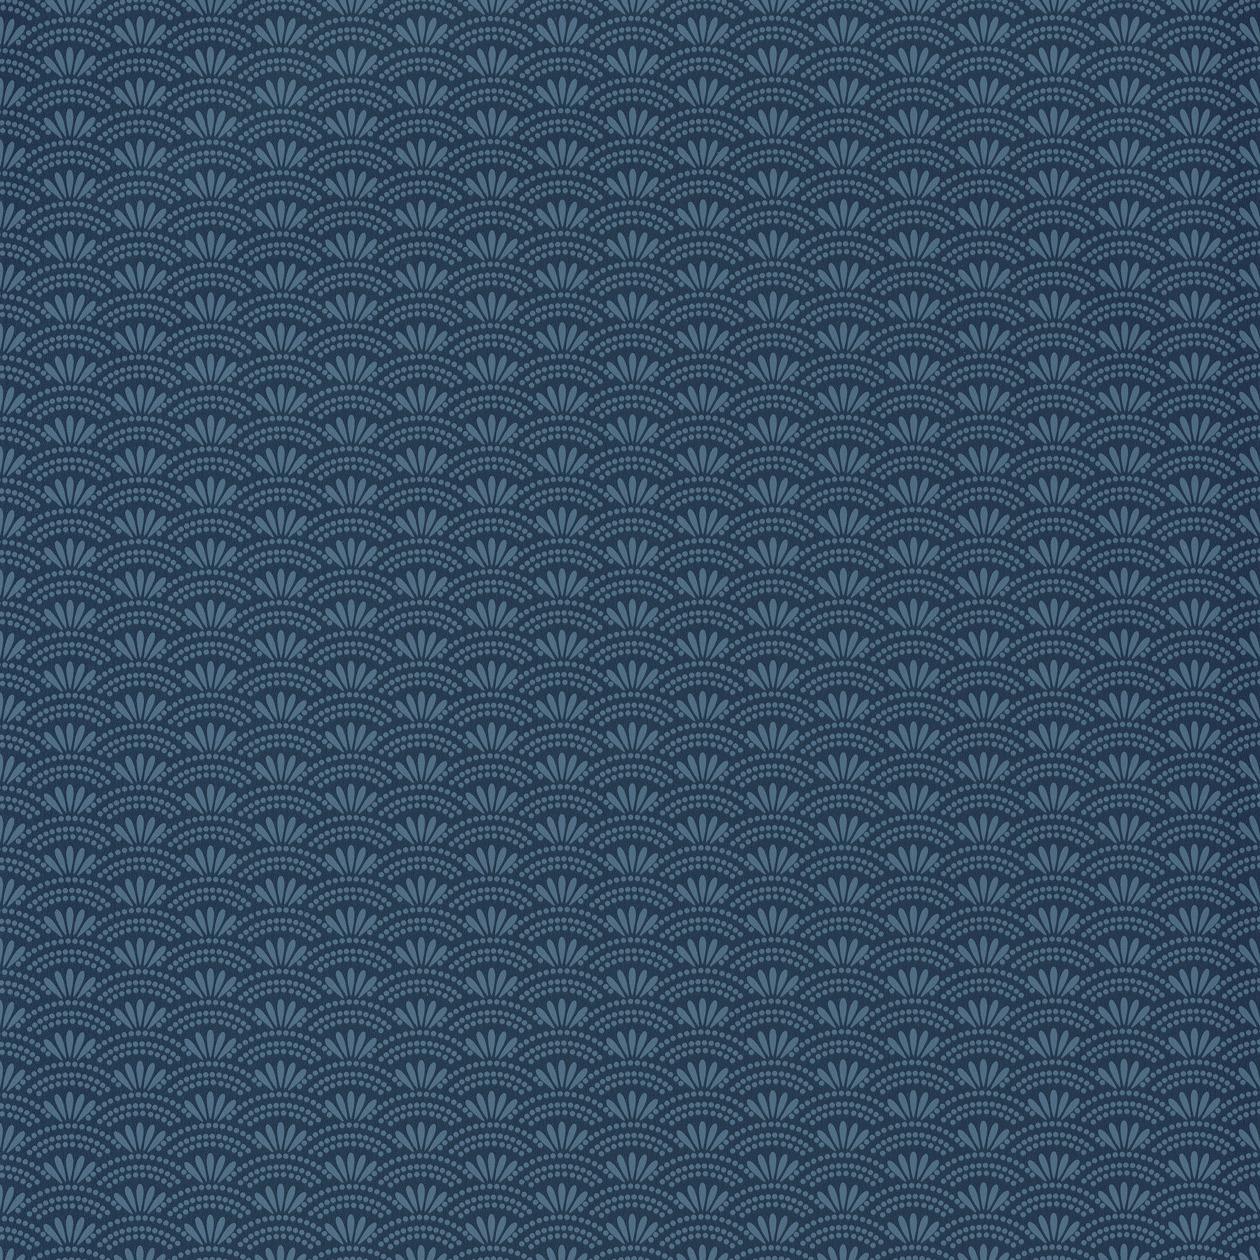 Japán stílusú tapéta sötétkék alapon kék stílizált pikkely mintával